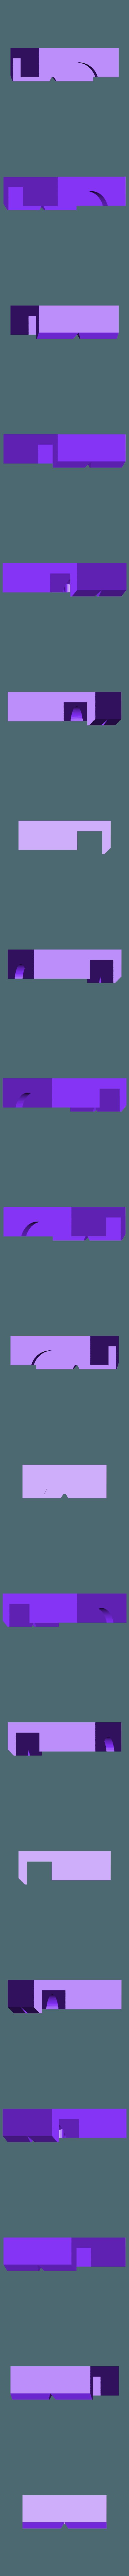 fly_swat_Pocket001_Meshed.stl Télécharger fichier STL gratuit Couvercle à emporter recyclé • Design à imprimer en 3D, cjbingham2